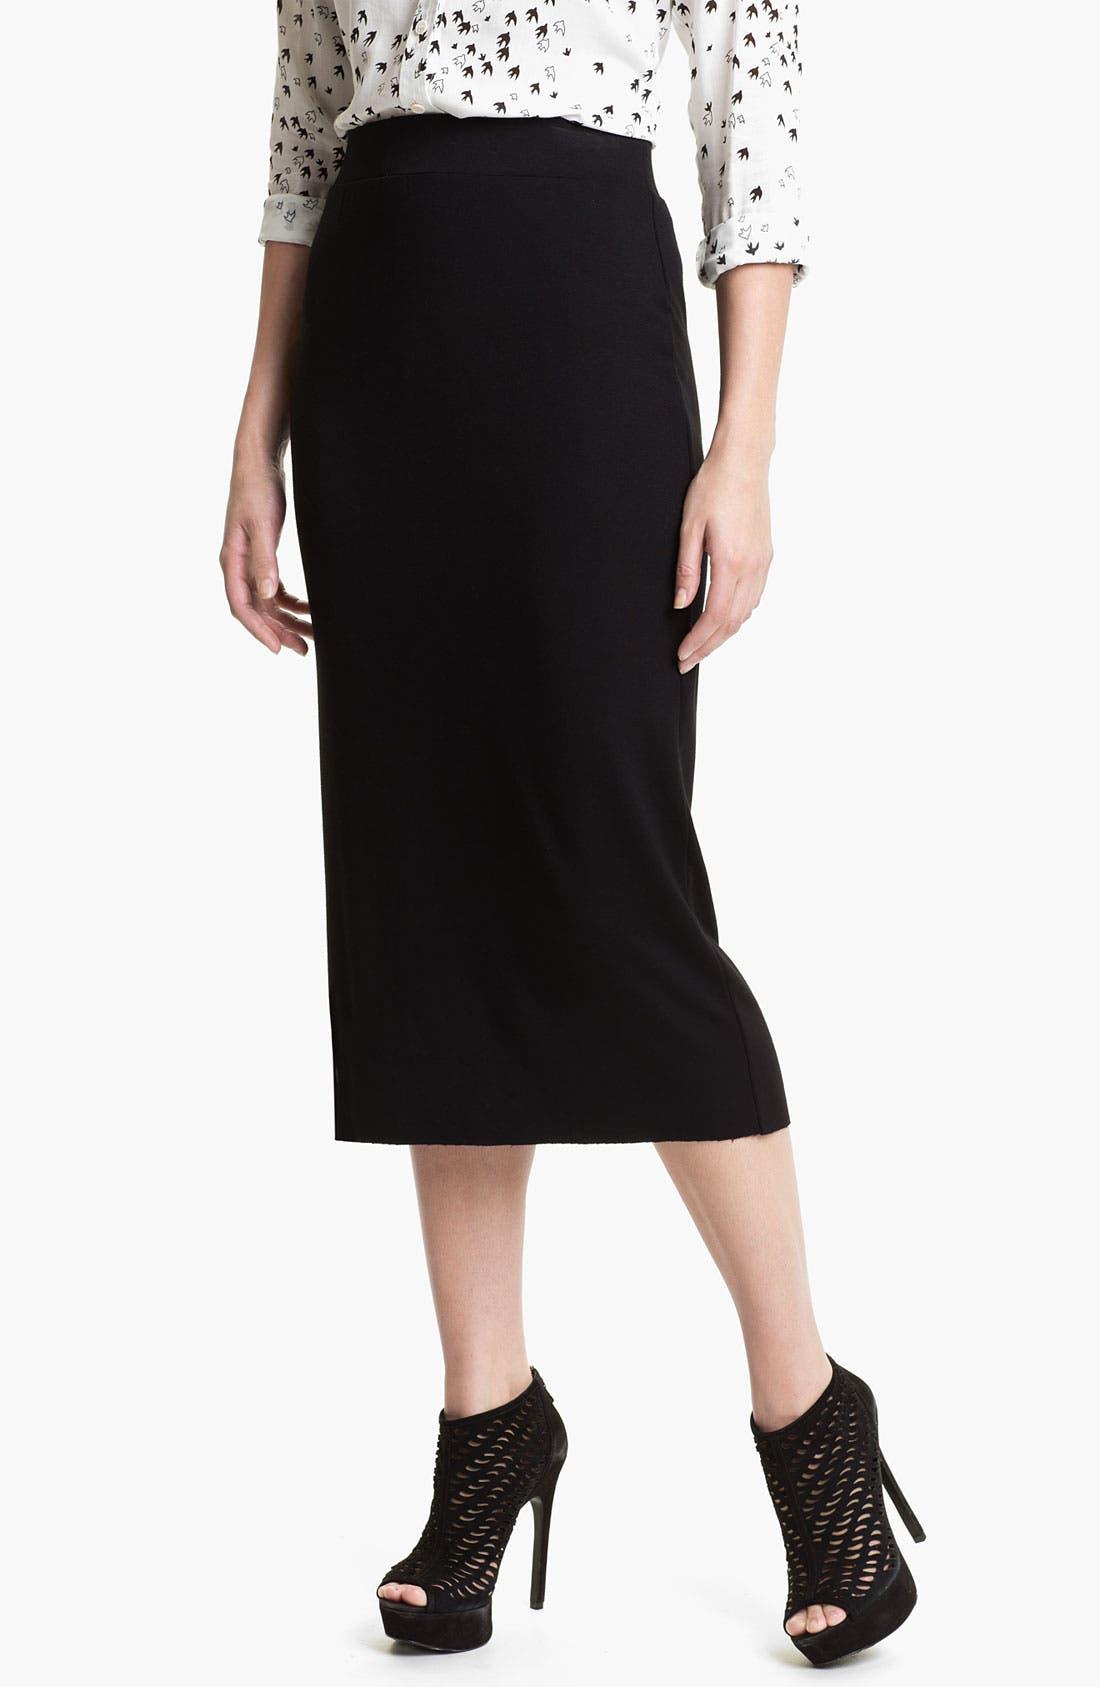 Alternate Image 1 Selected - Kensie Midi Skirt